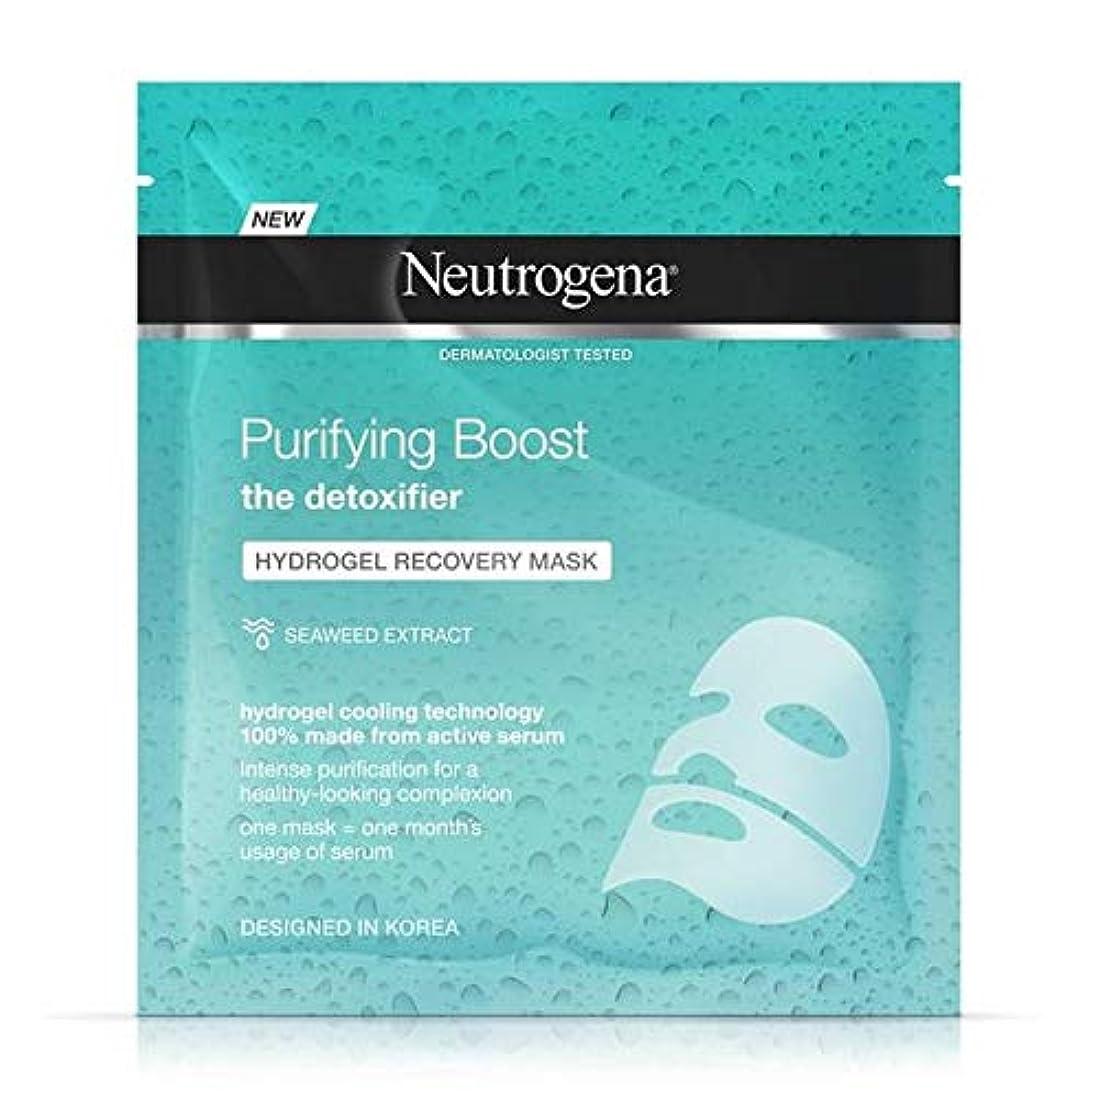 ファンド海洋本会議[Neutrogena] ニュートロジーナ浄化ブーストハイドロゲルマスク30ミリリットル - Neutrogena Purifying Boost Hydrogel Mask 30ml [並行輸入品]